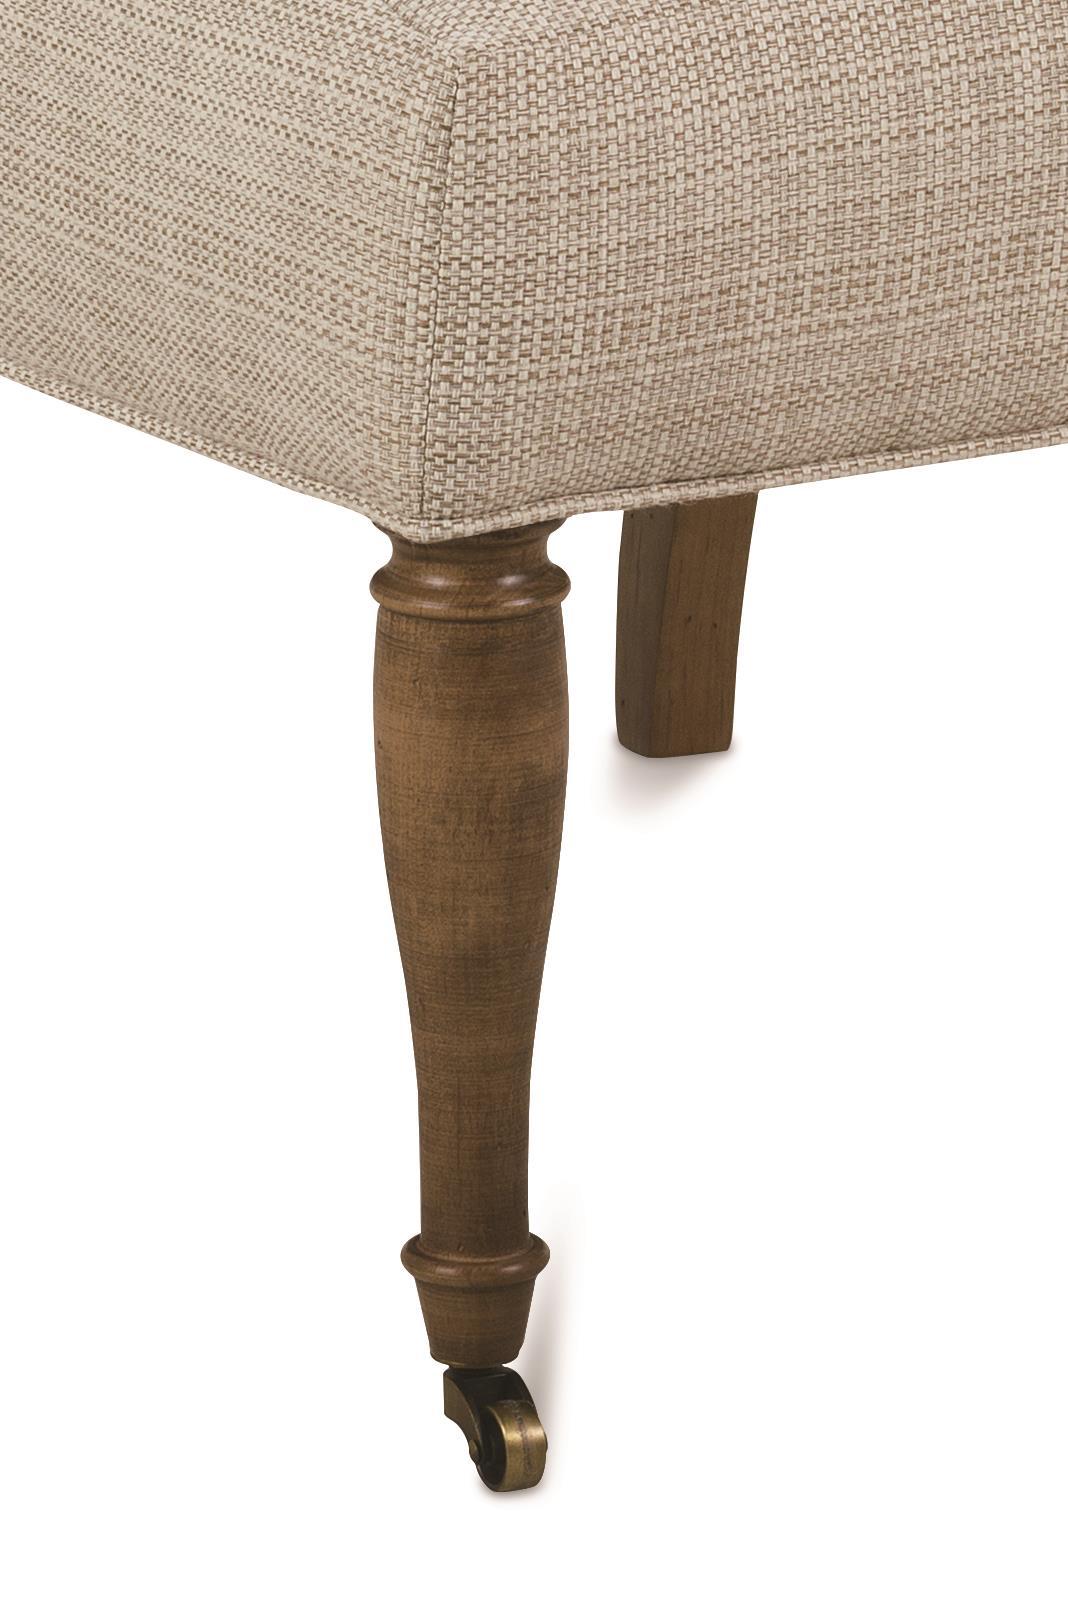 Maggie P310 By Rowe Belfort Furniture Rowe Maggie Dealer